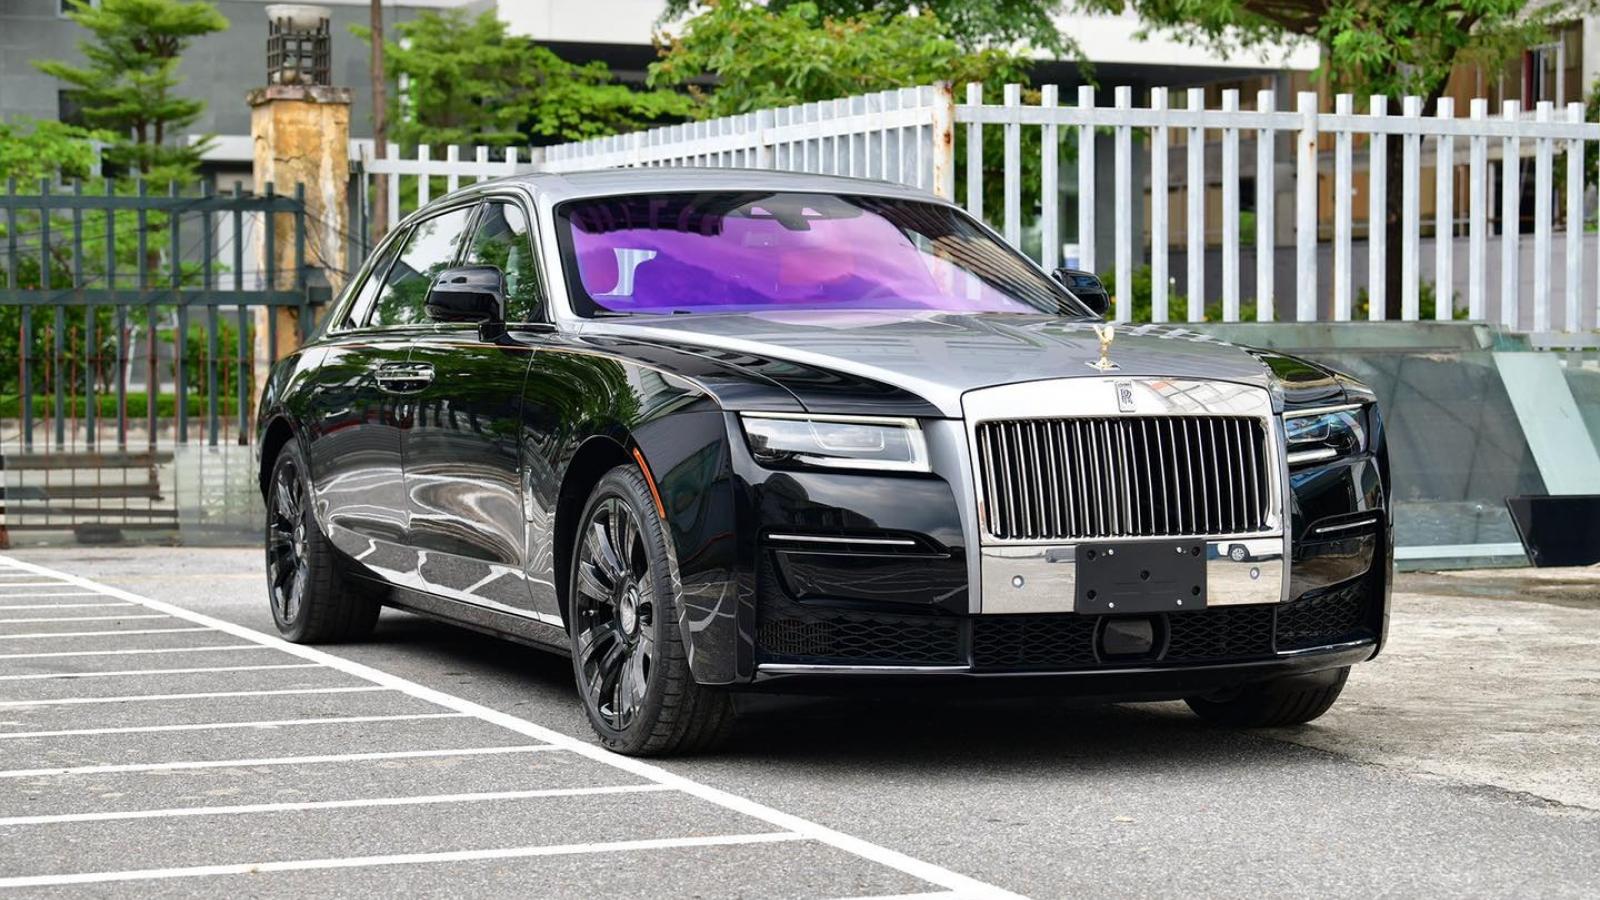 Cận cảnh Rolls-Royce Ghost thế hệ mới tại Việt Nam